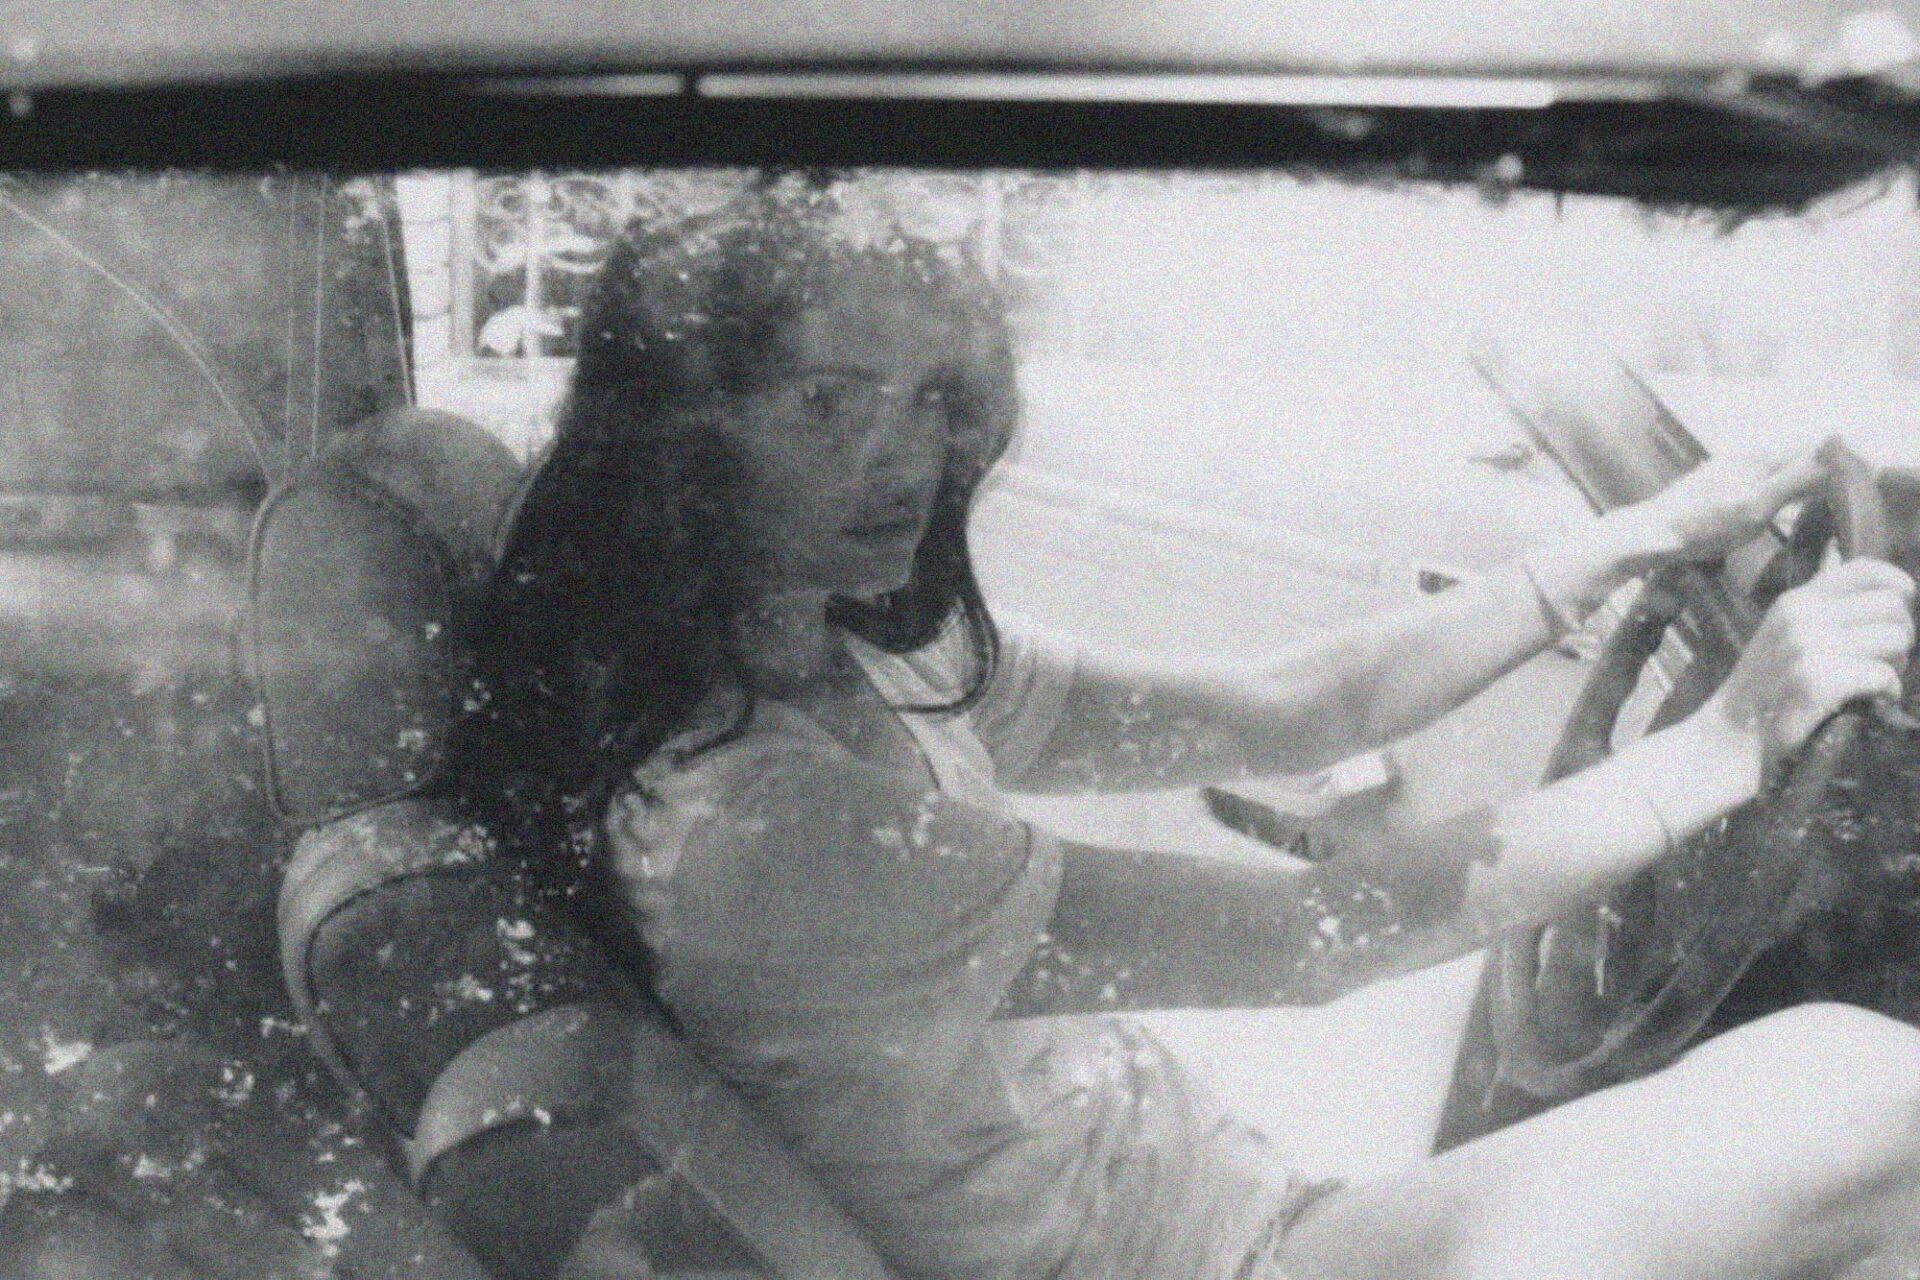 Sơn Phước Review album Ultraviolence của Lana Del Rey